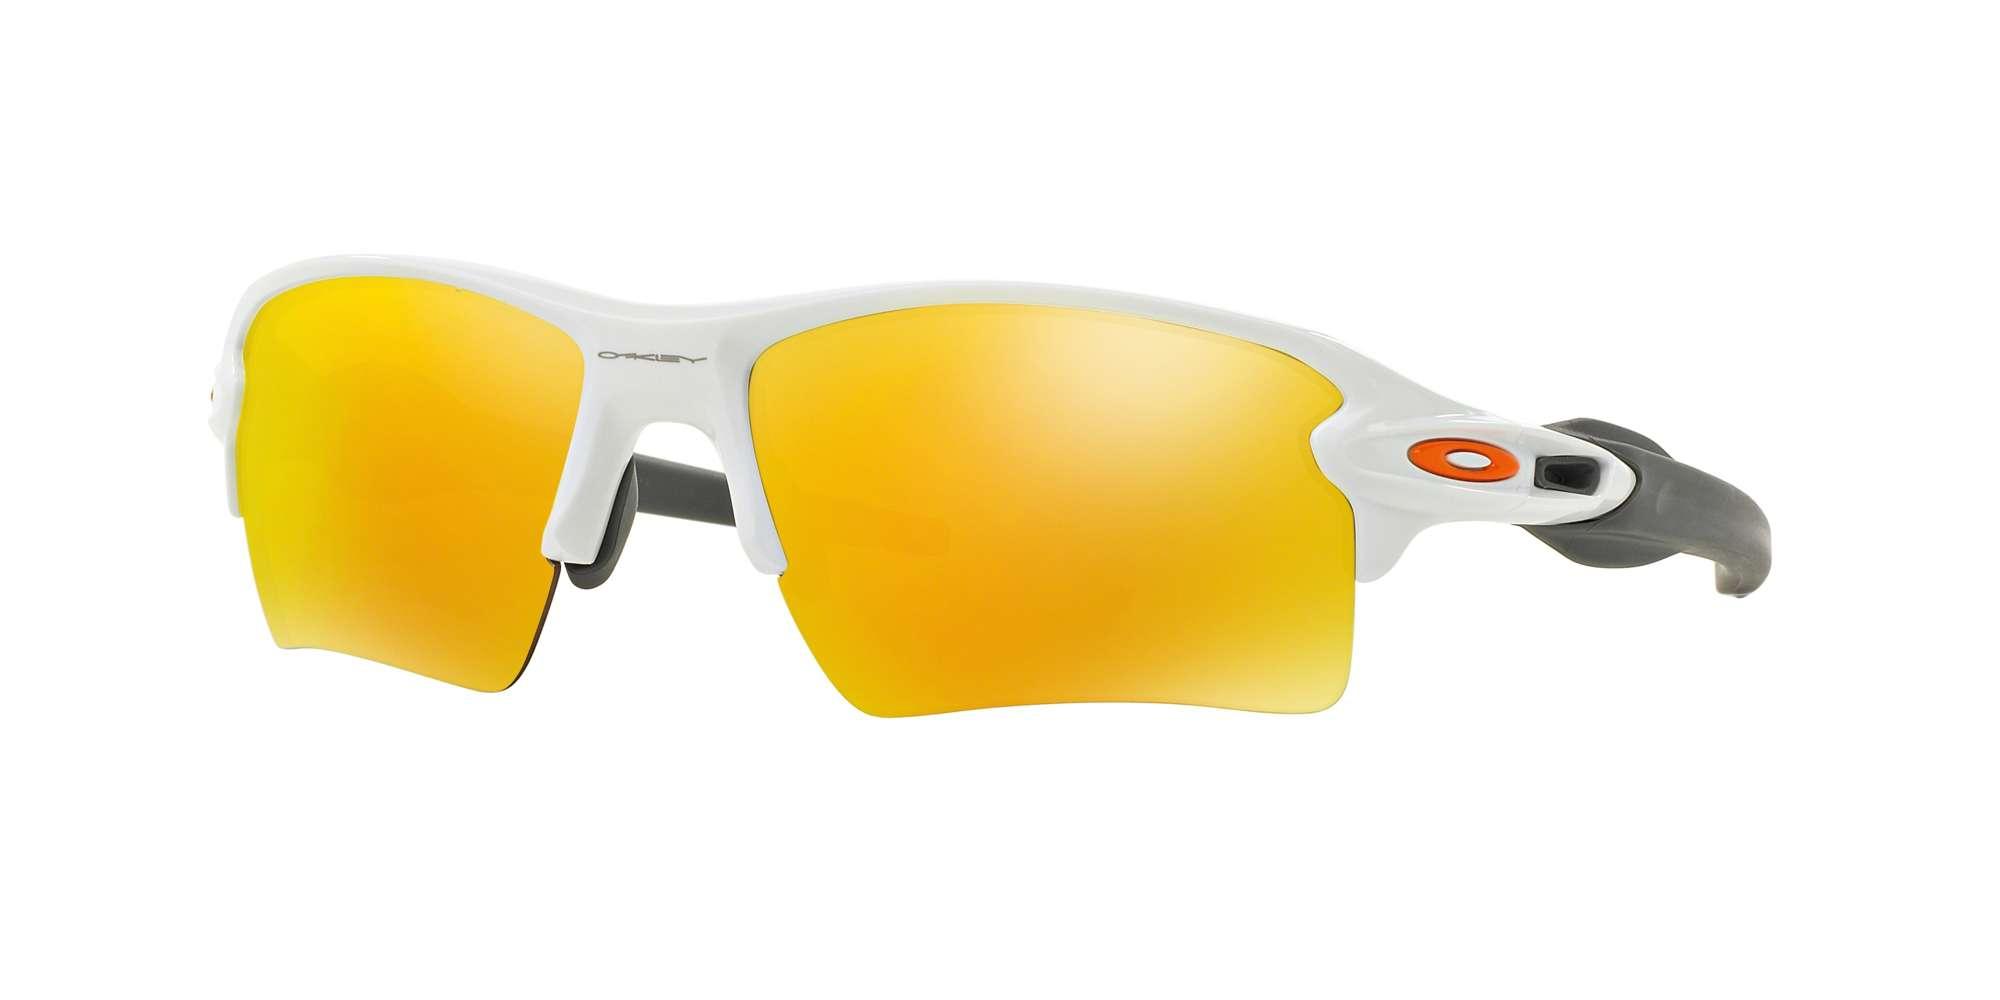 POLISHED WHITE / FIRE IRIDIUM lenses